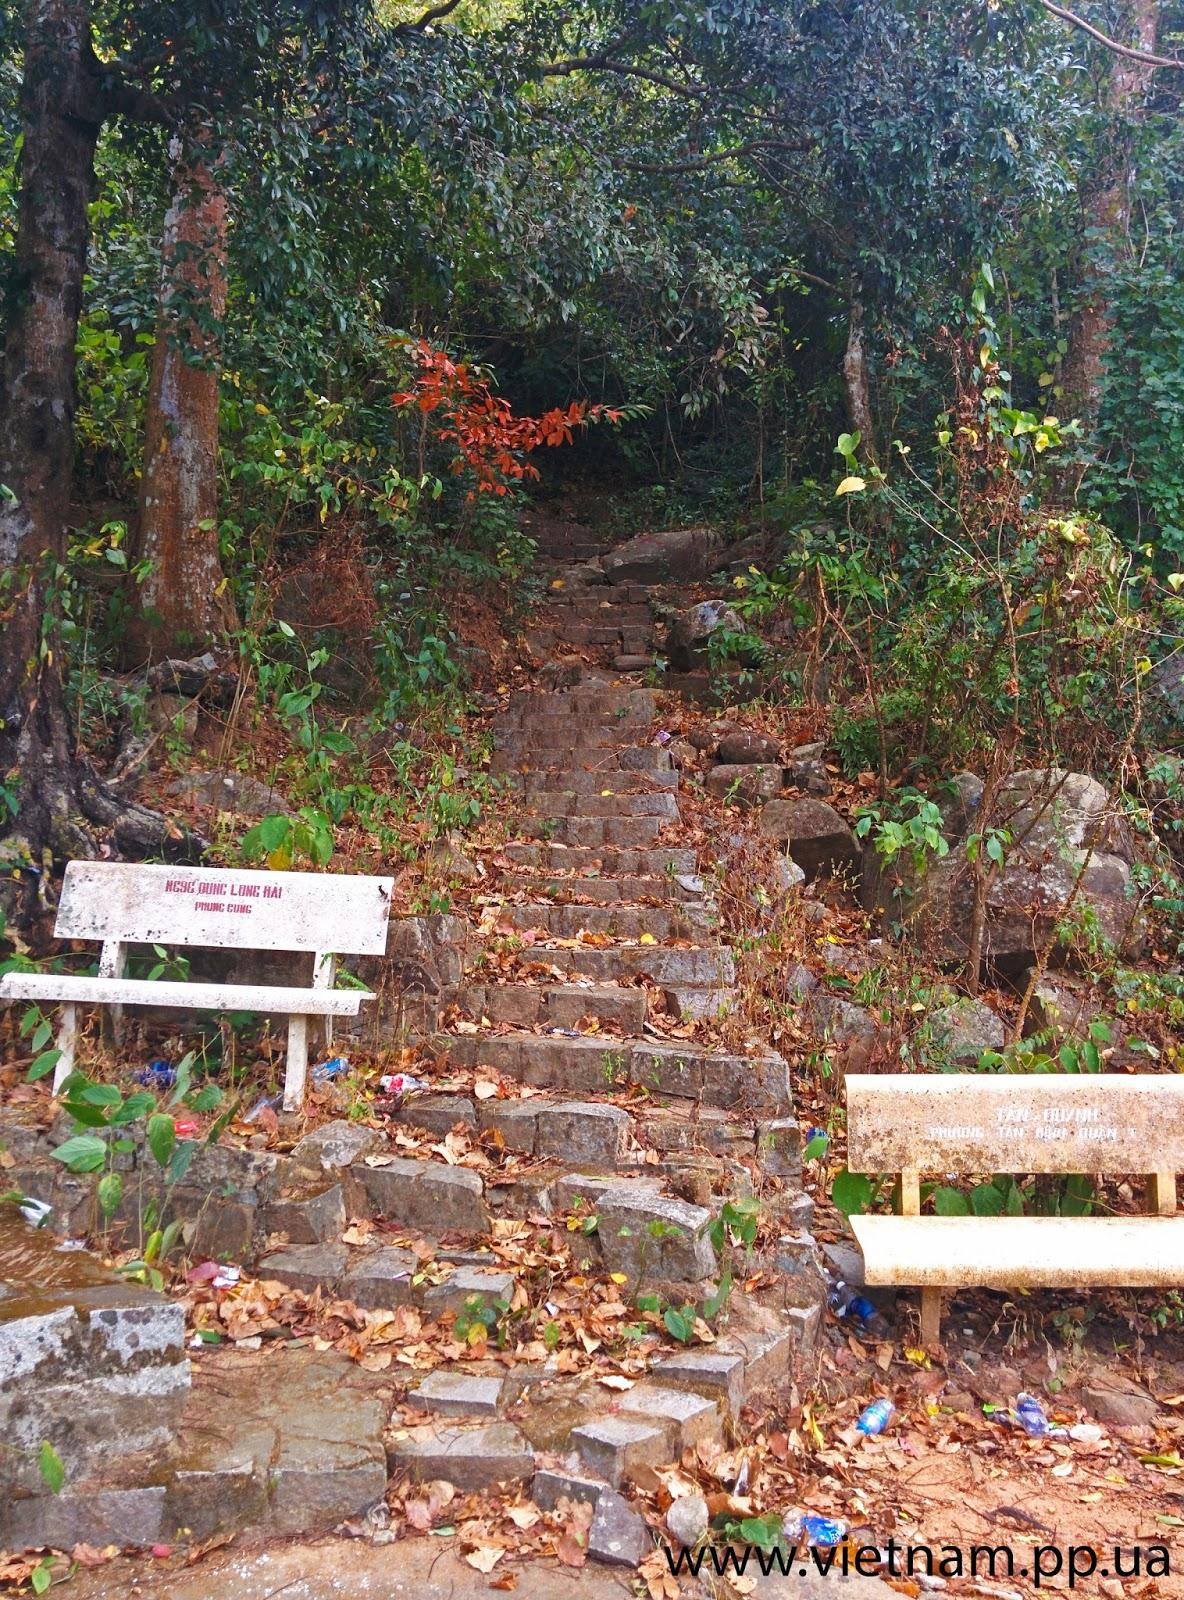 вход для пешего восхождения на гору Таку